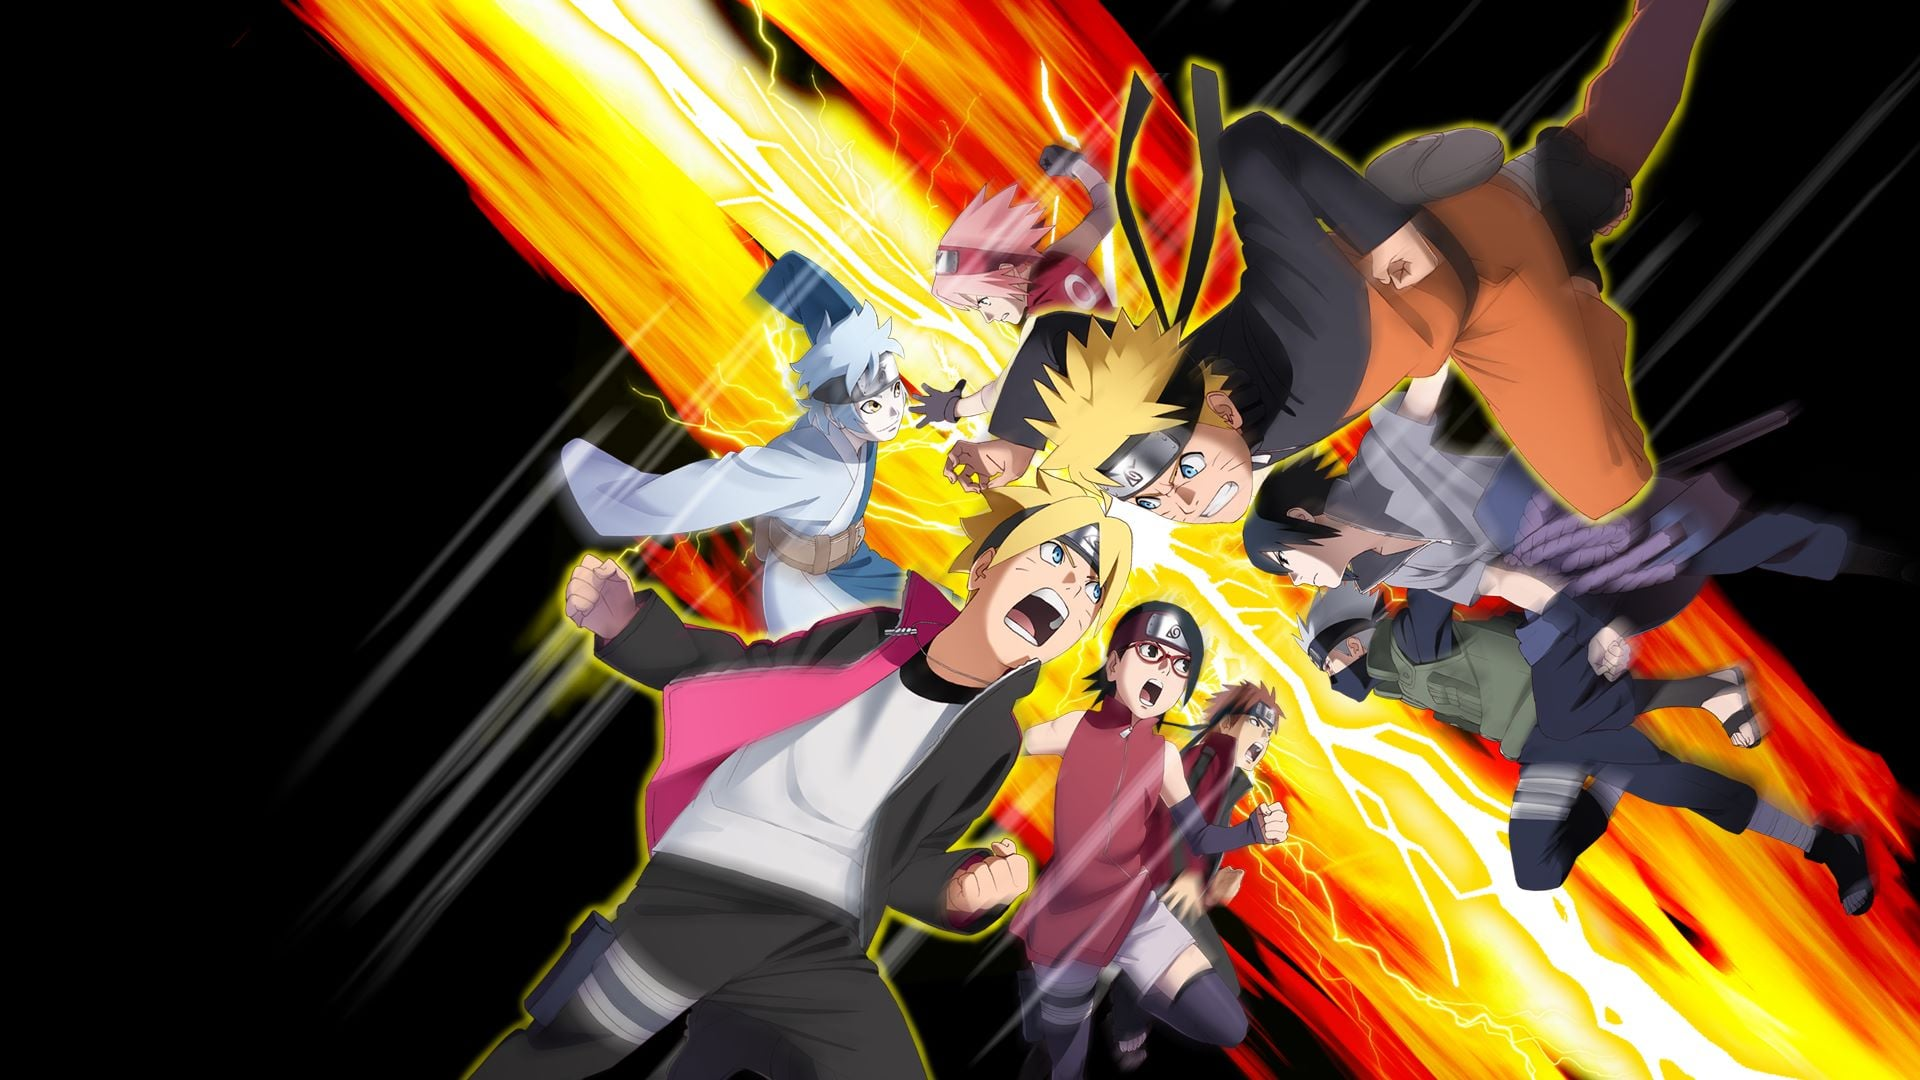 Dark anime DLC matchmaking